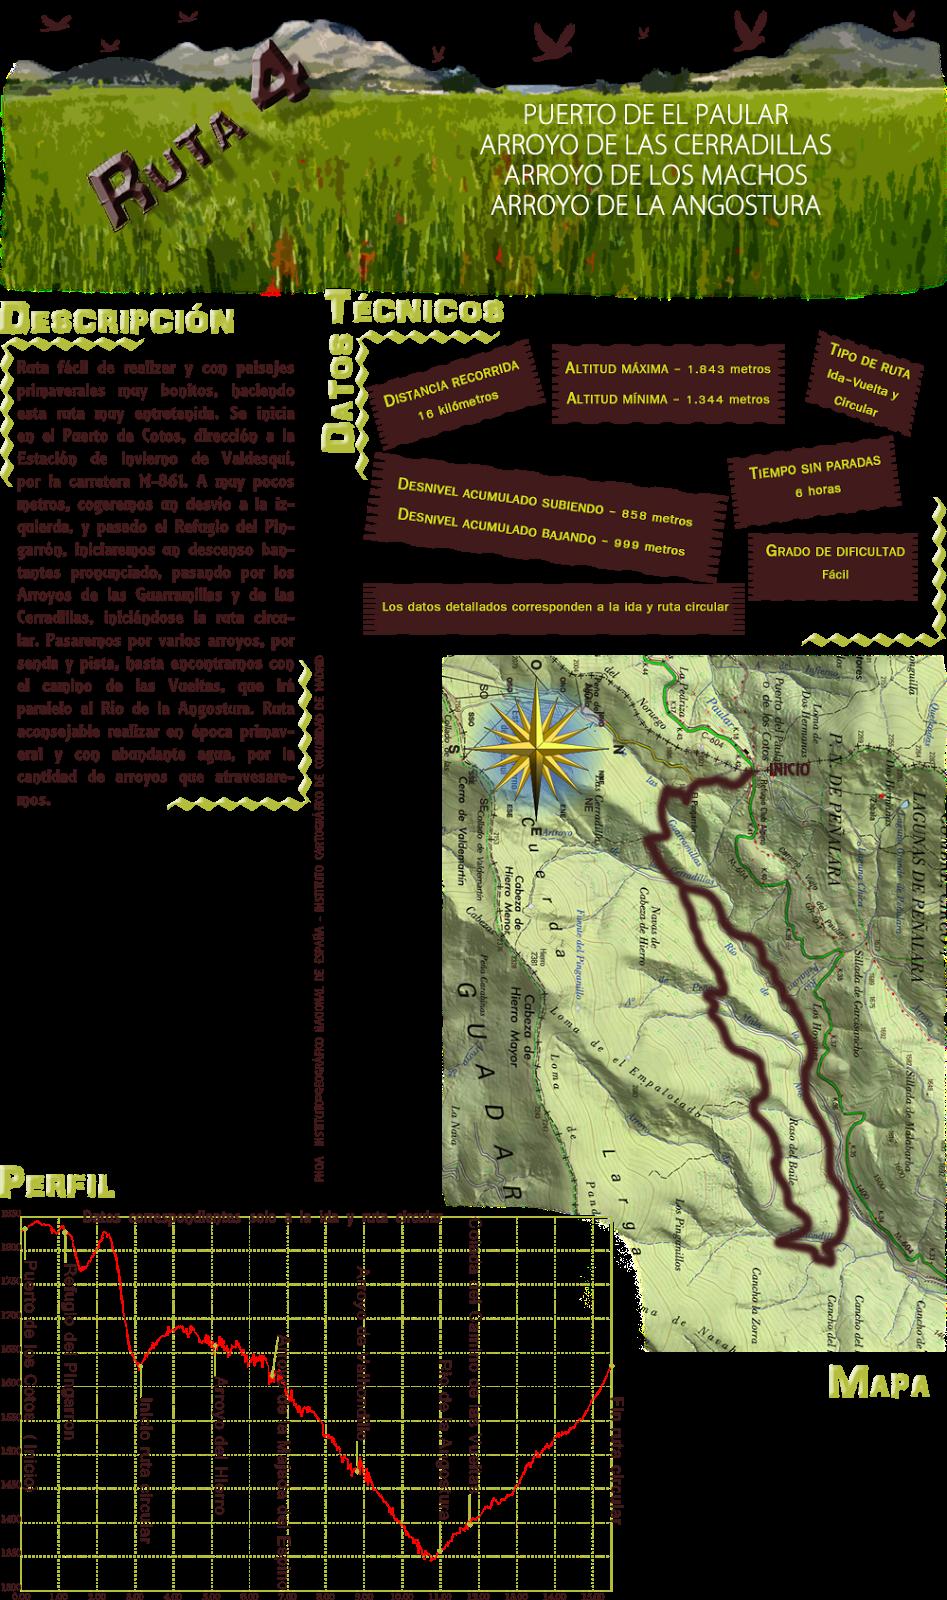 Ruta 4: Descripcion y datos tecnicos